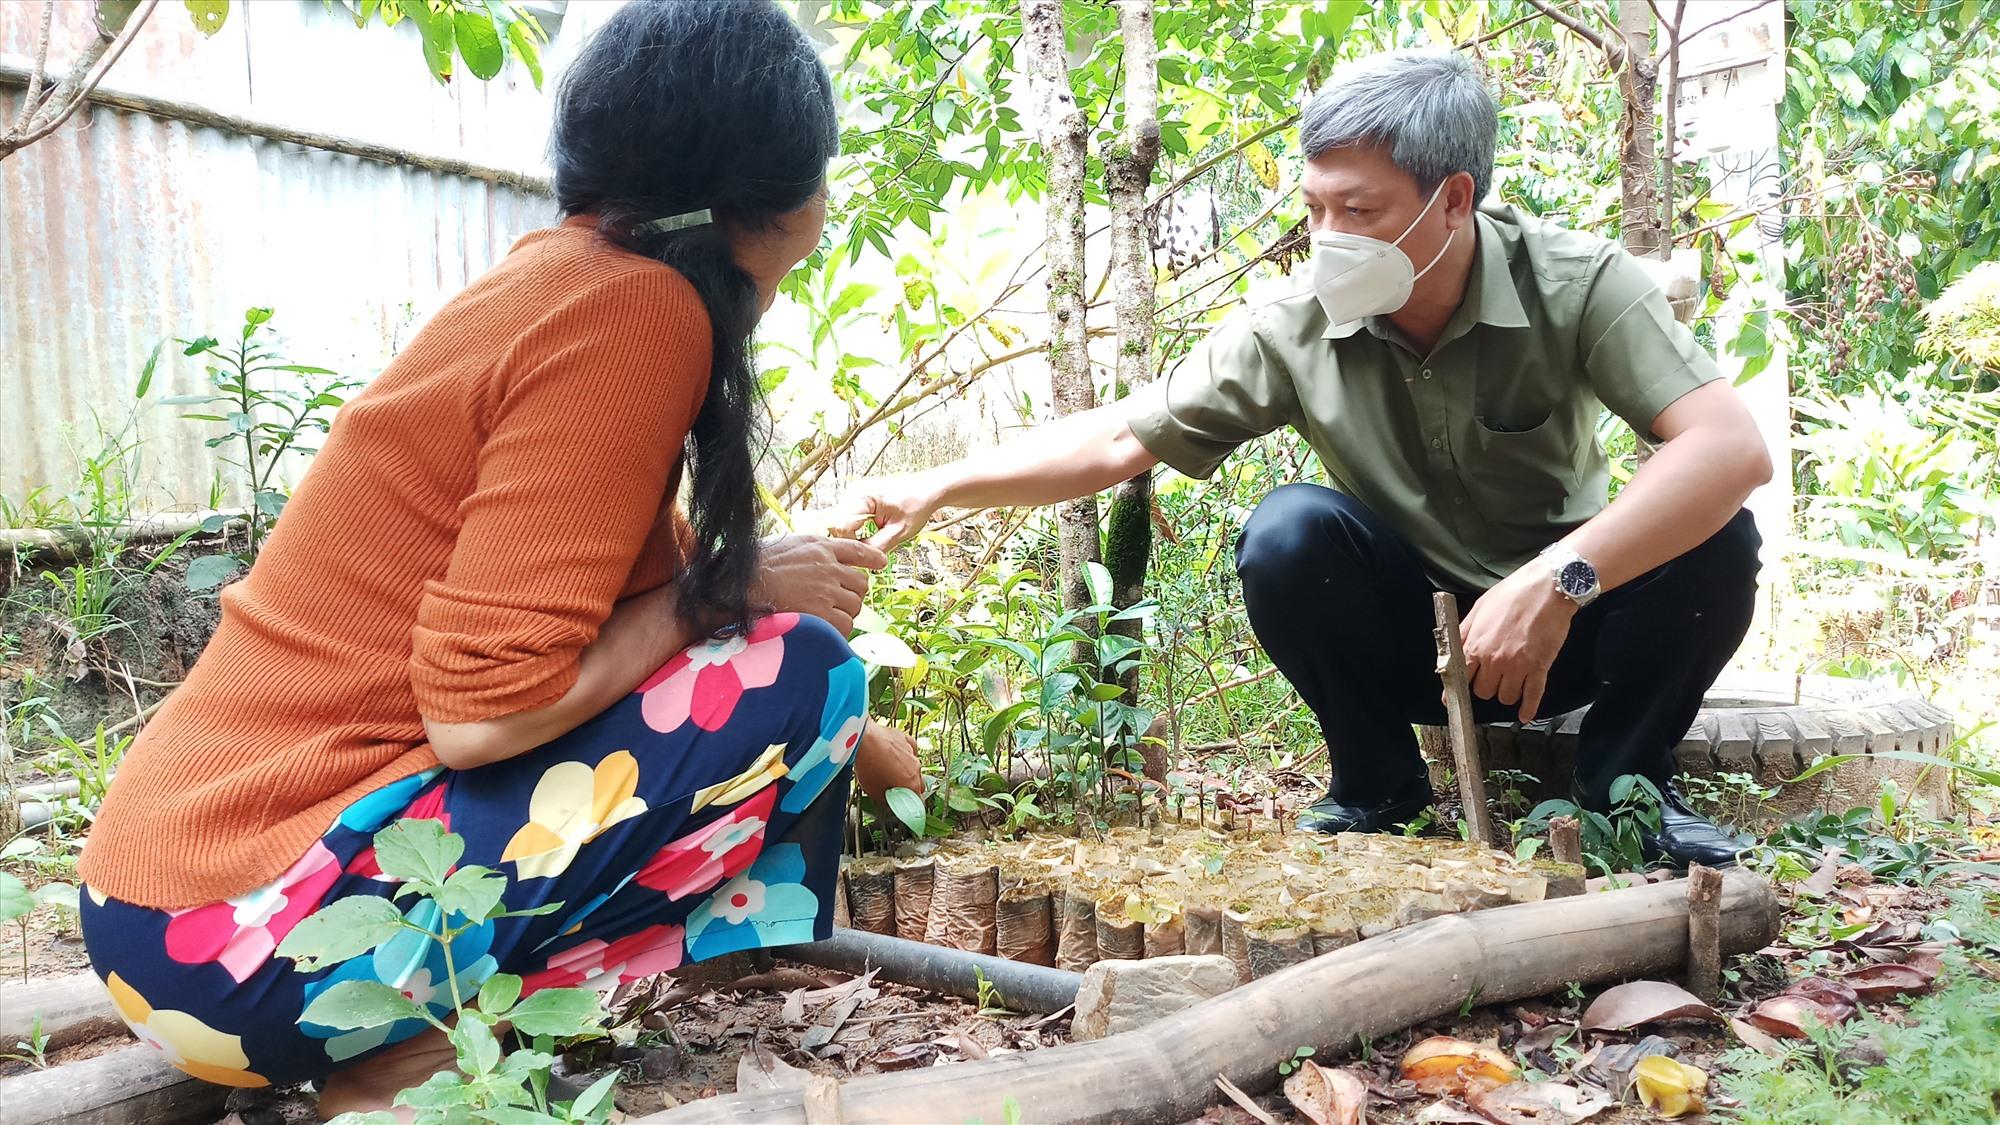 Đồmg chí Hồ Quang Bửu trực tiếp hướng dẫn người dân kỹ thuật ươm trồng, chăm sóc cây măng cụt. Ảnh: A.N